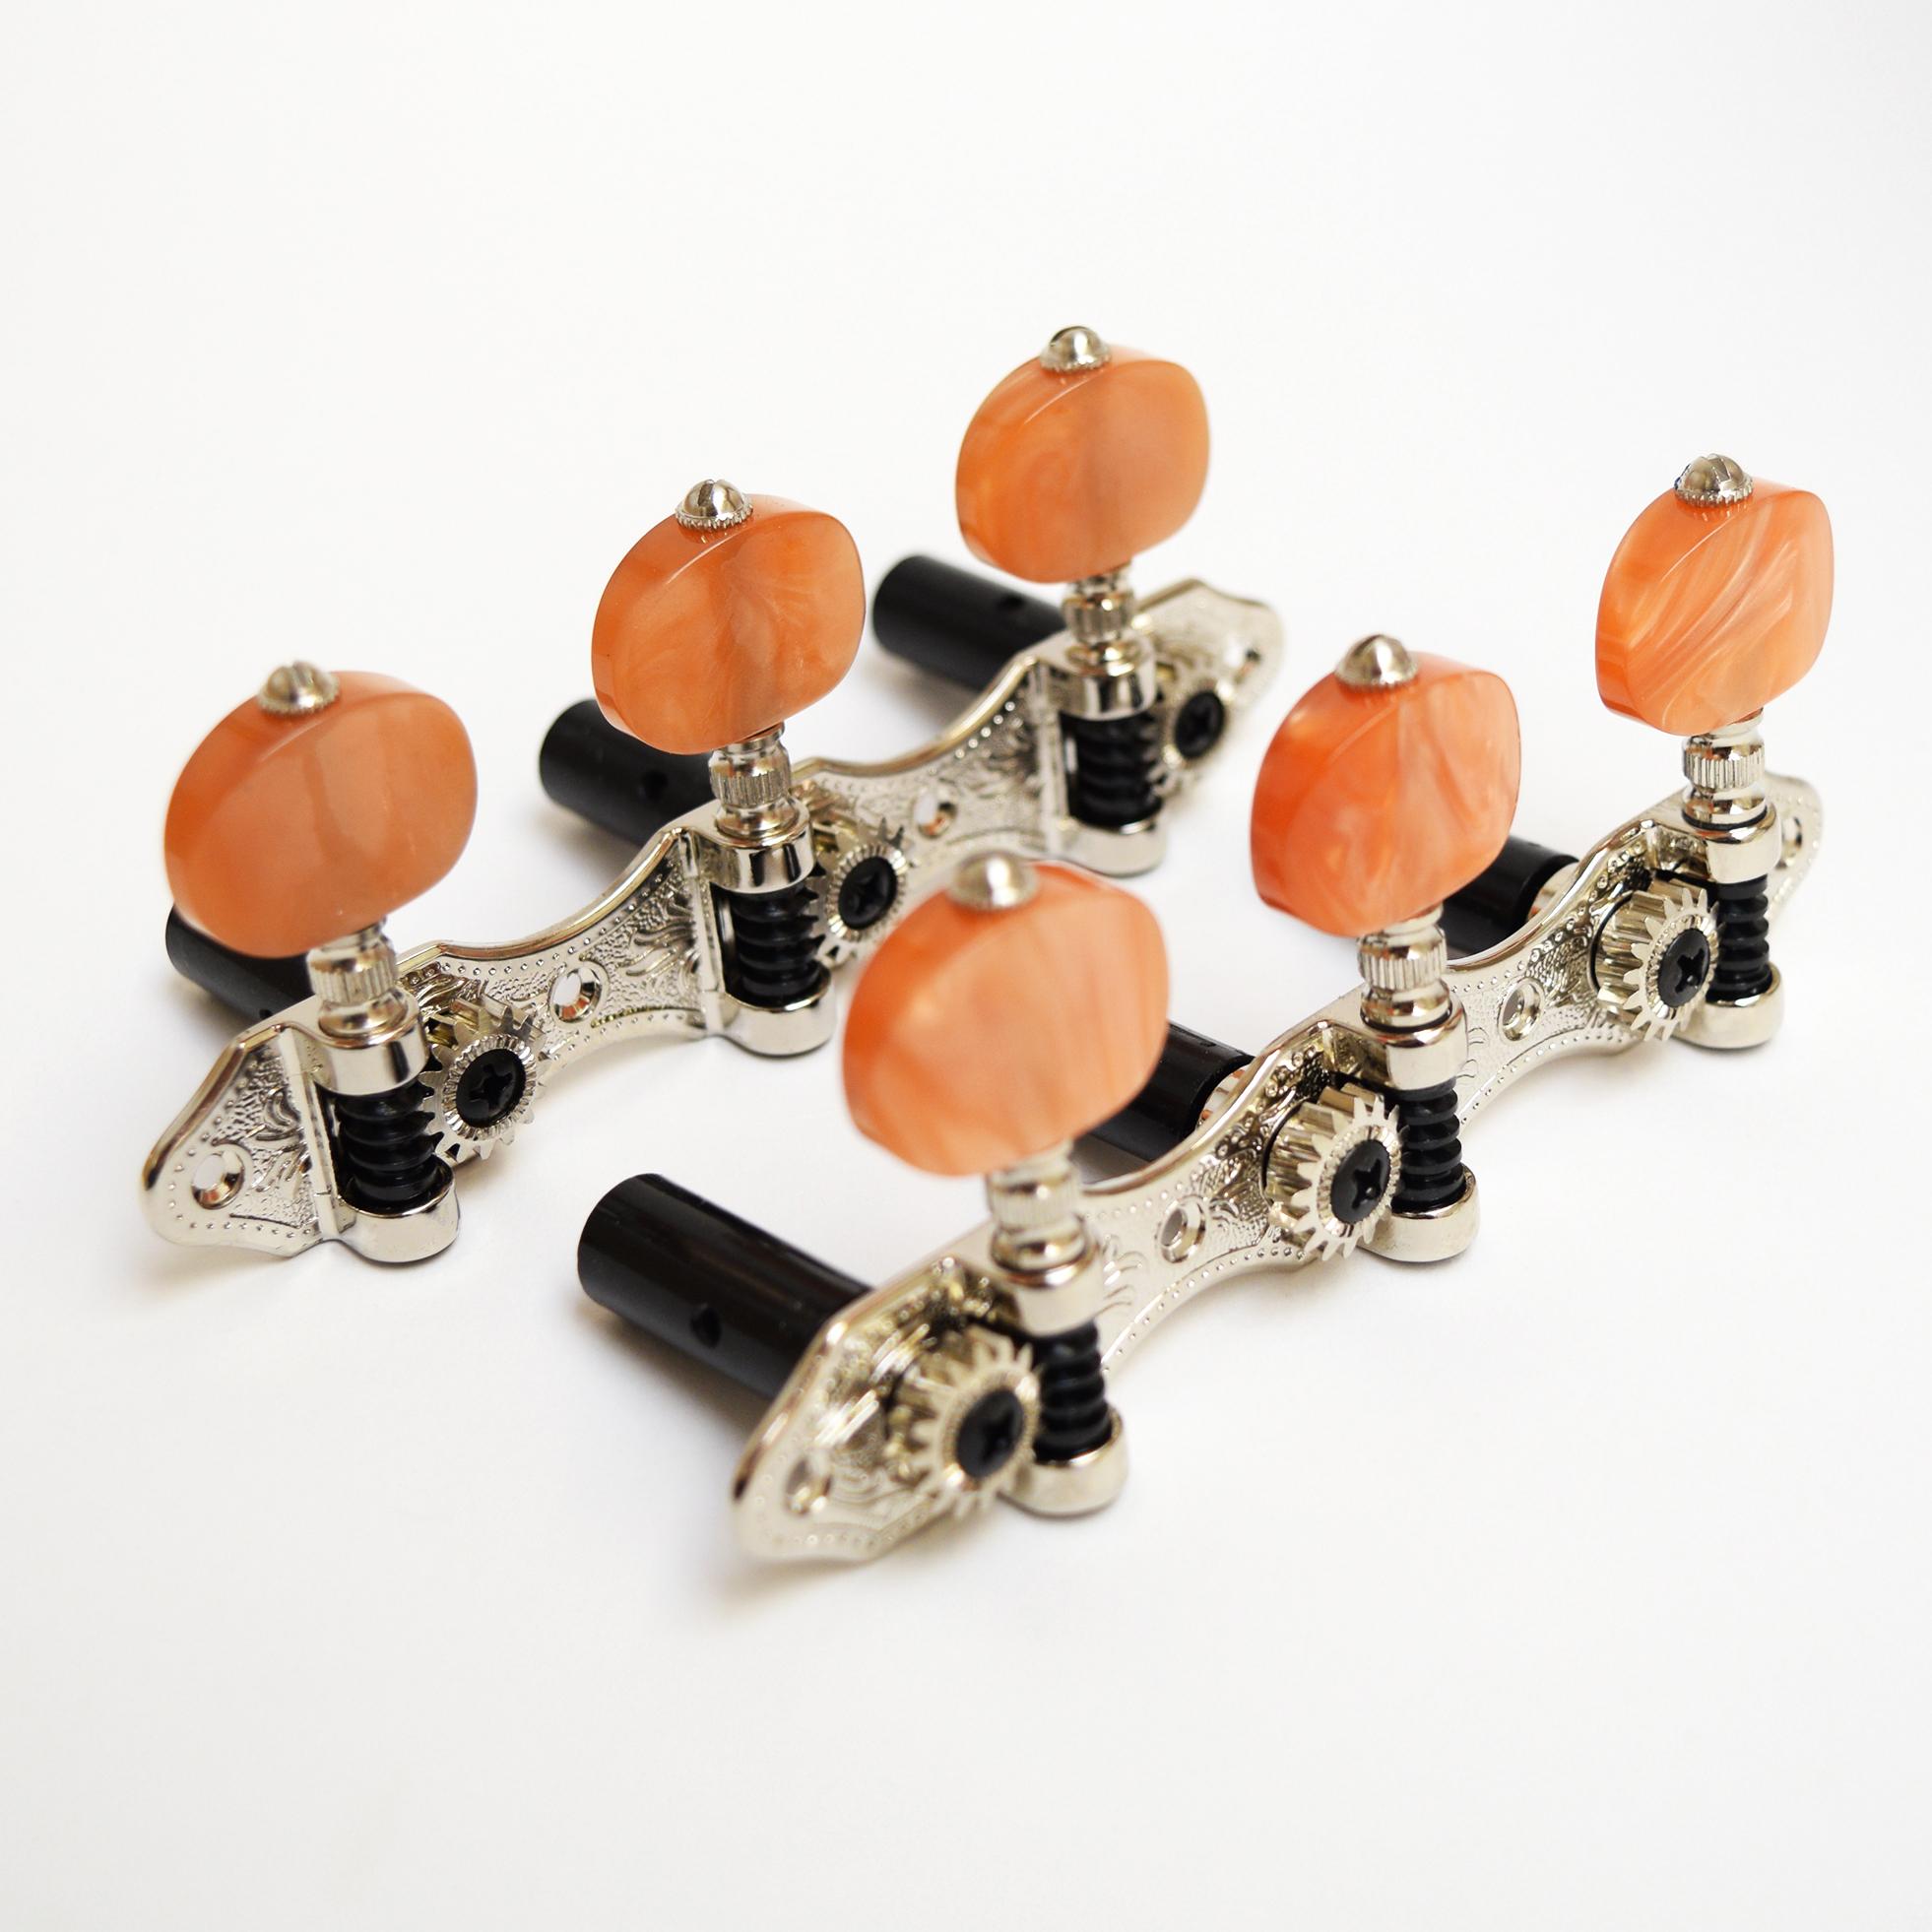 Yamaha Wr328100 Machine Head Assembly Btn Music Uk